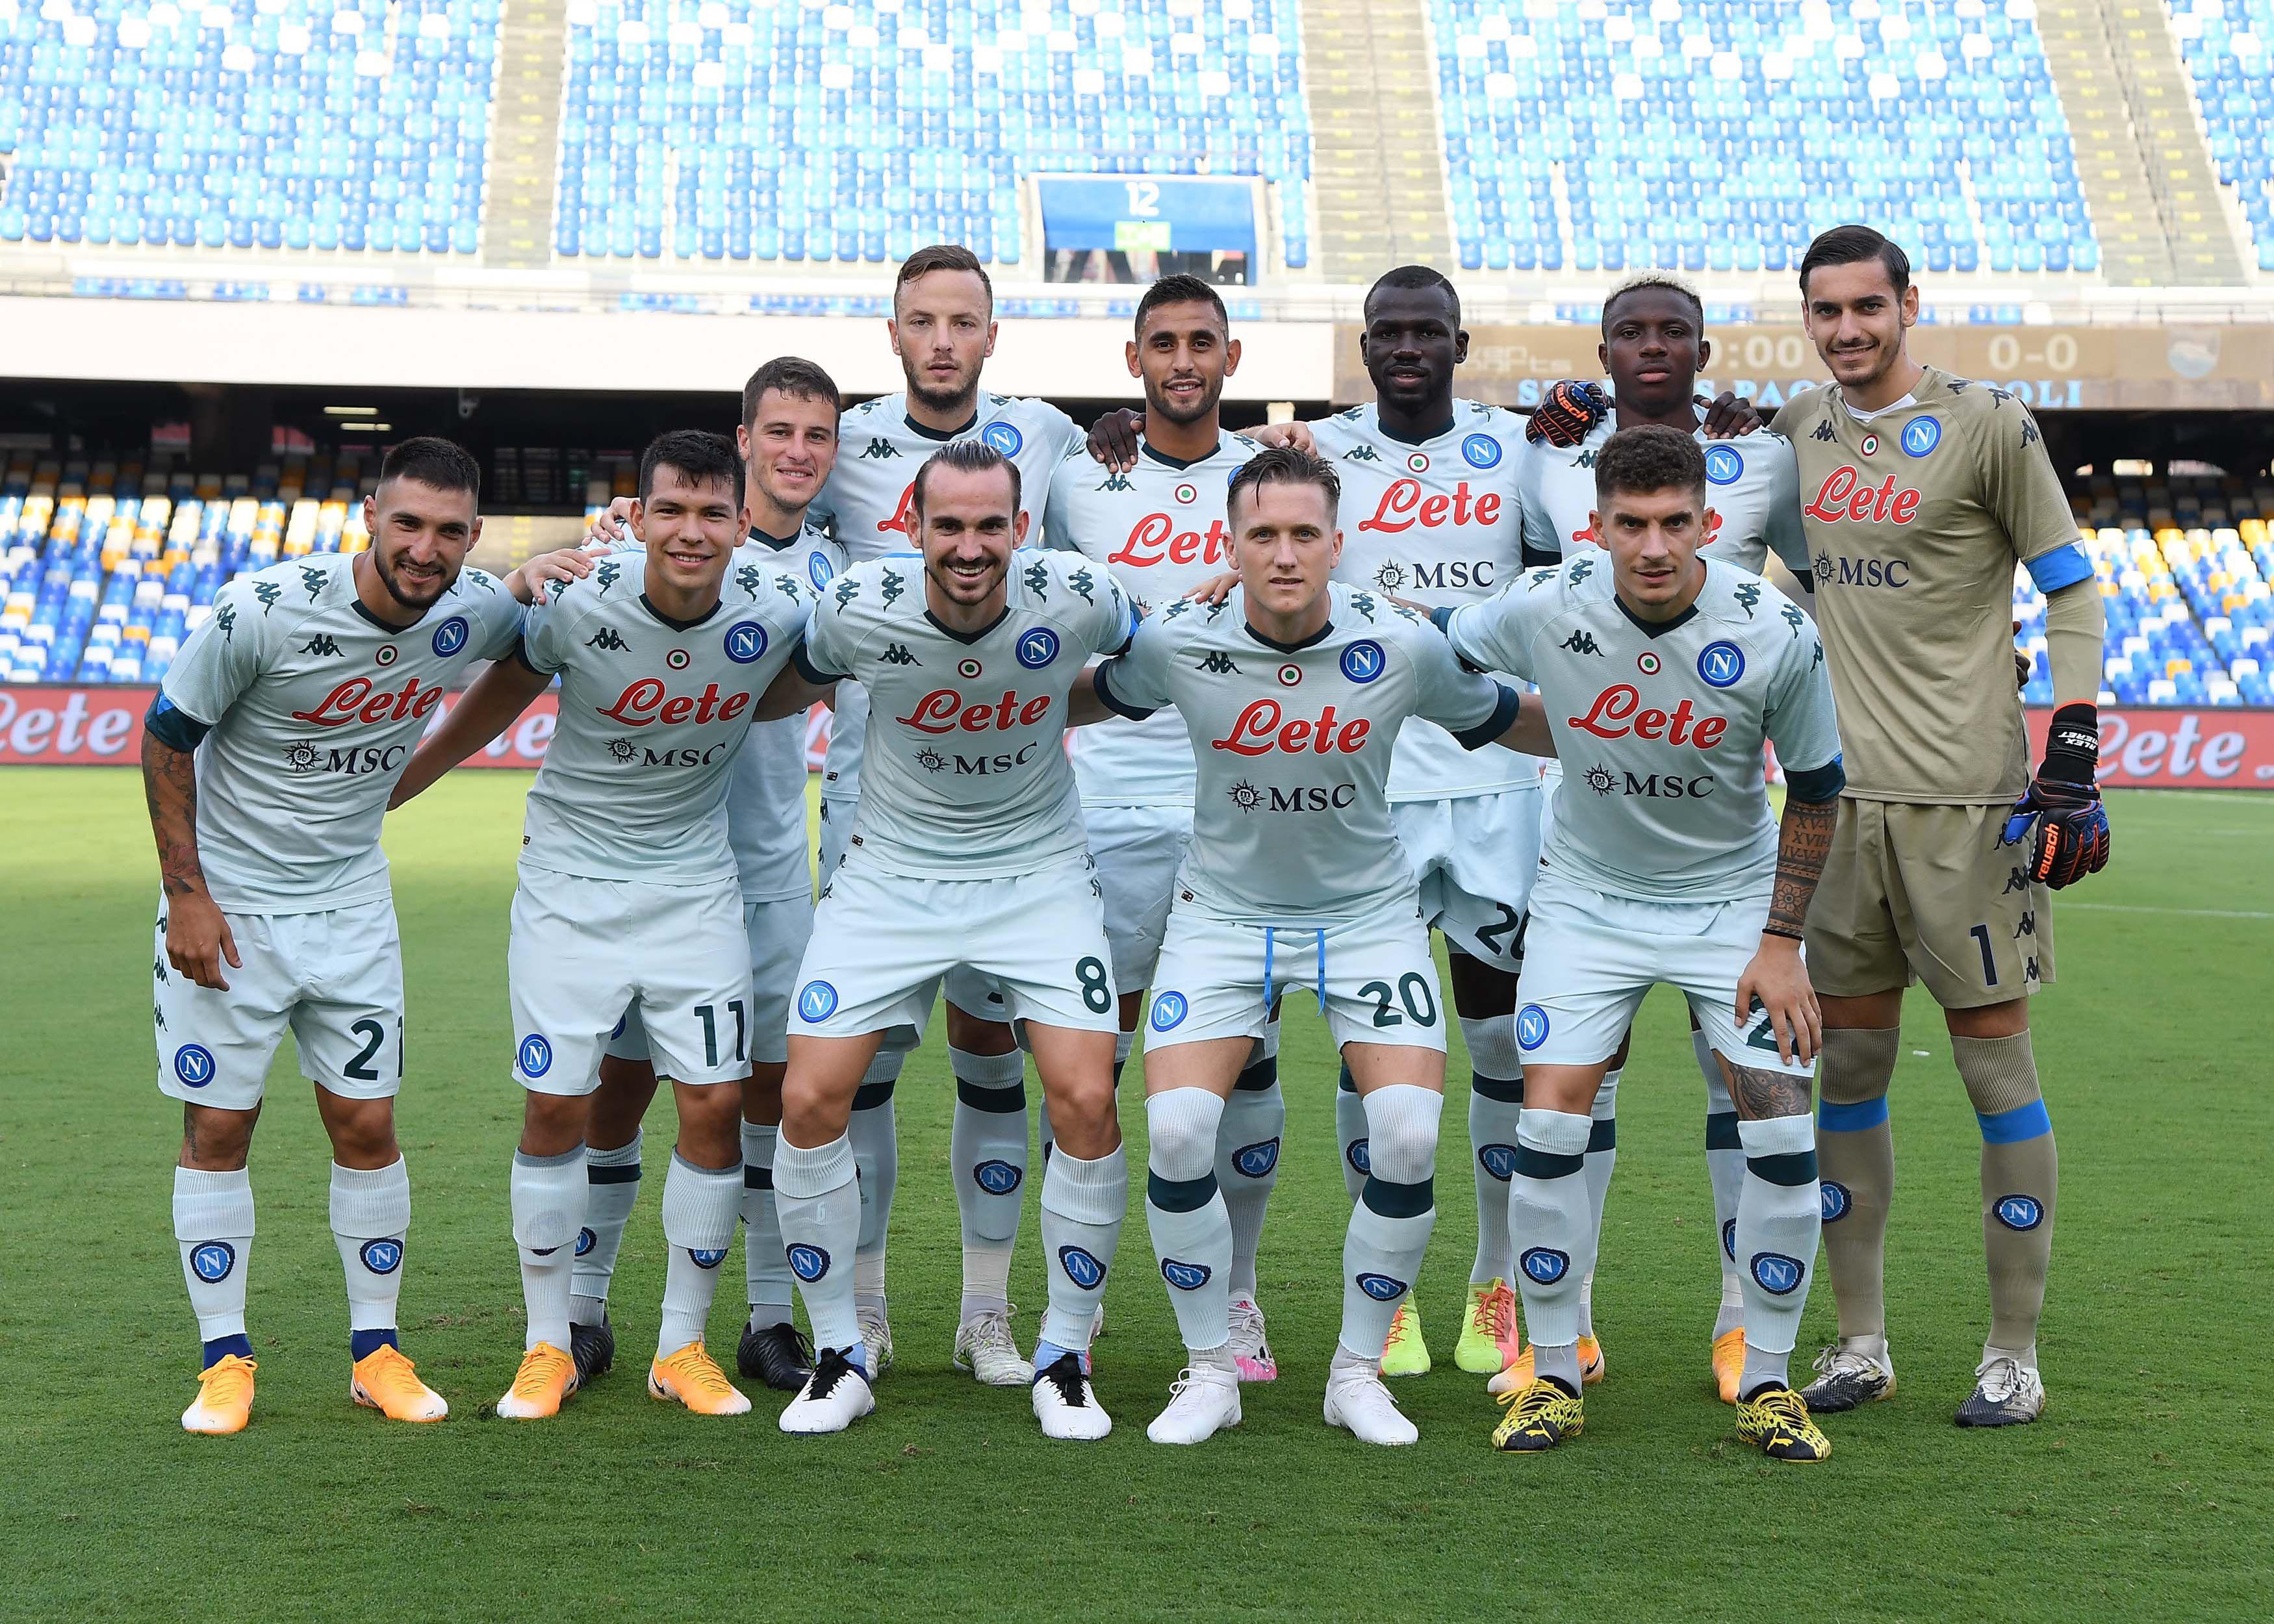 UFFICIALE - Sporting Lisbona-Napoli, match annullato: il comunicato